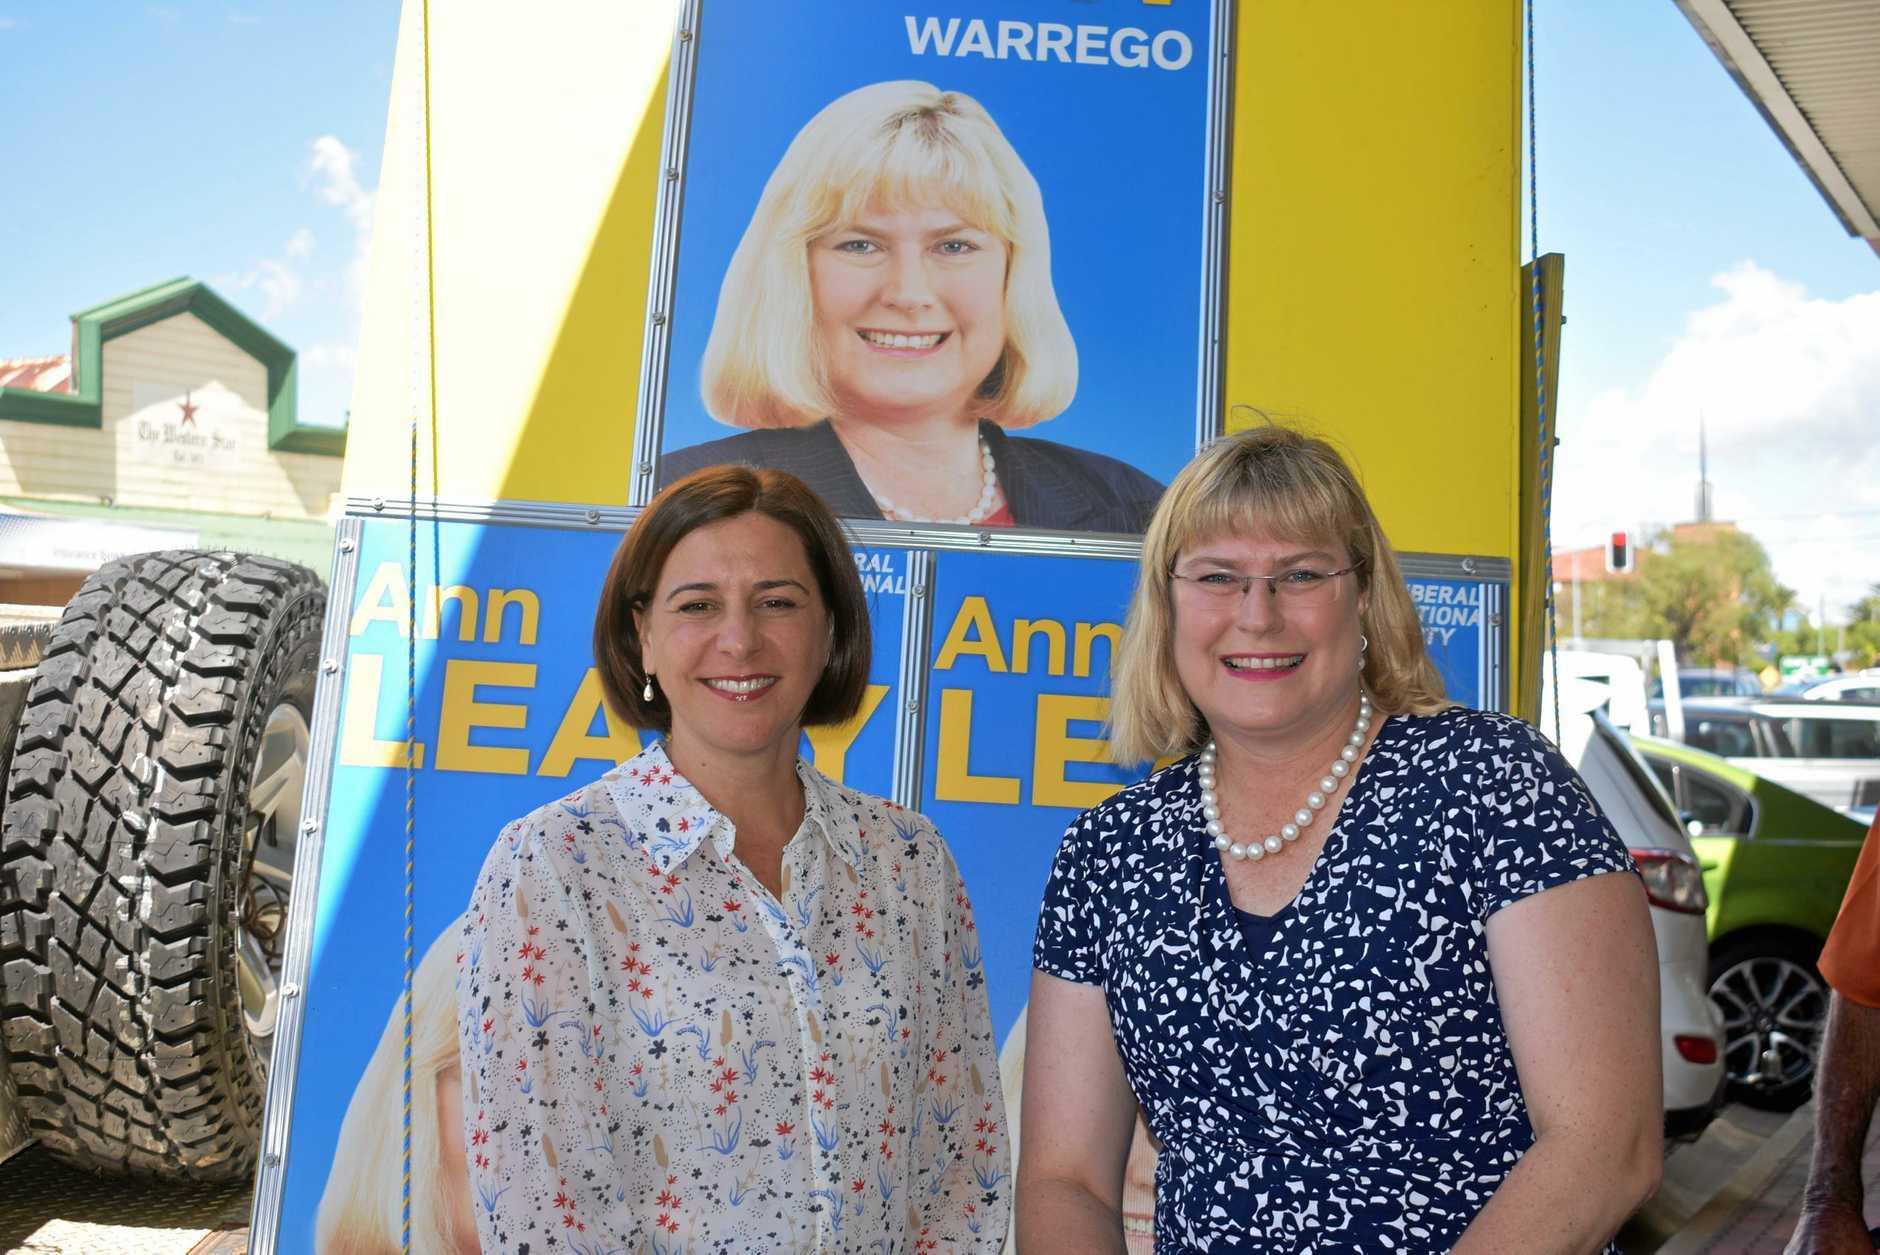 Deb Frecklington and Ann Leahy.